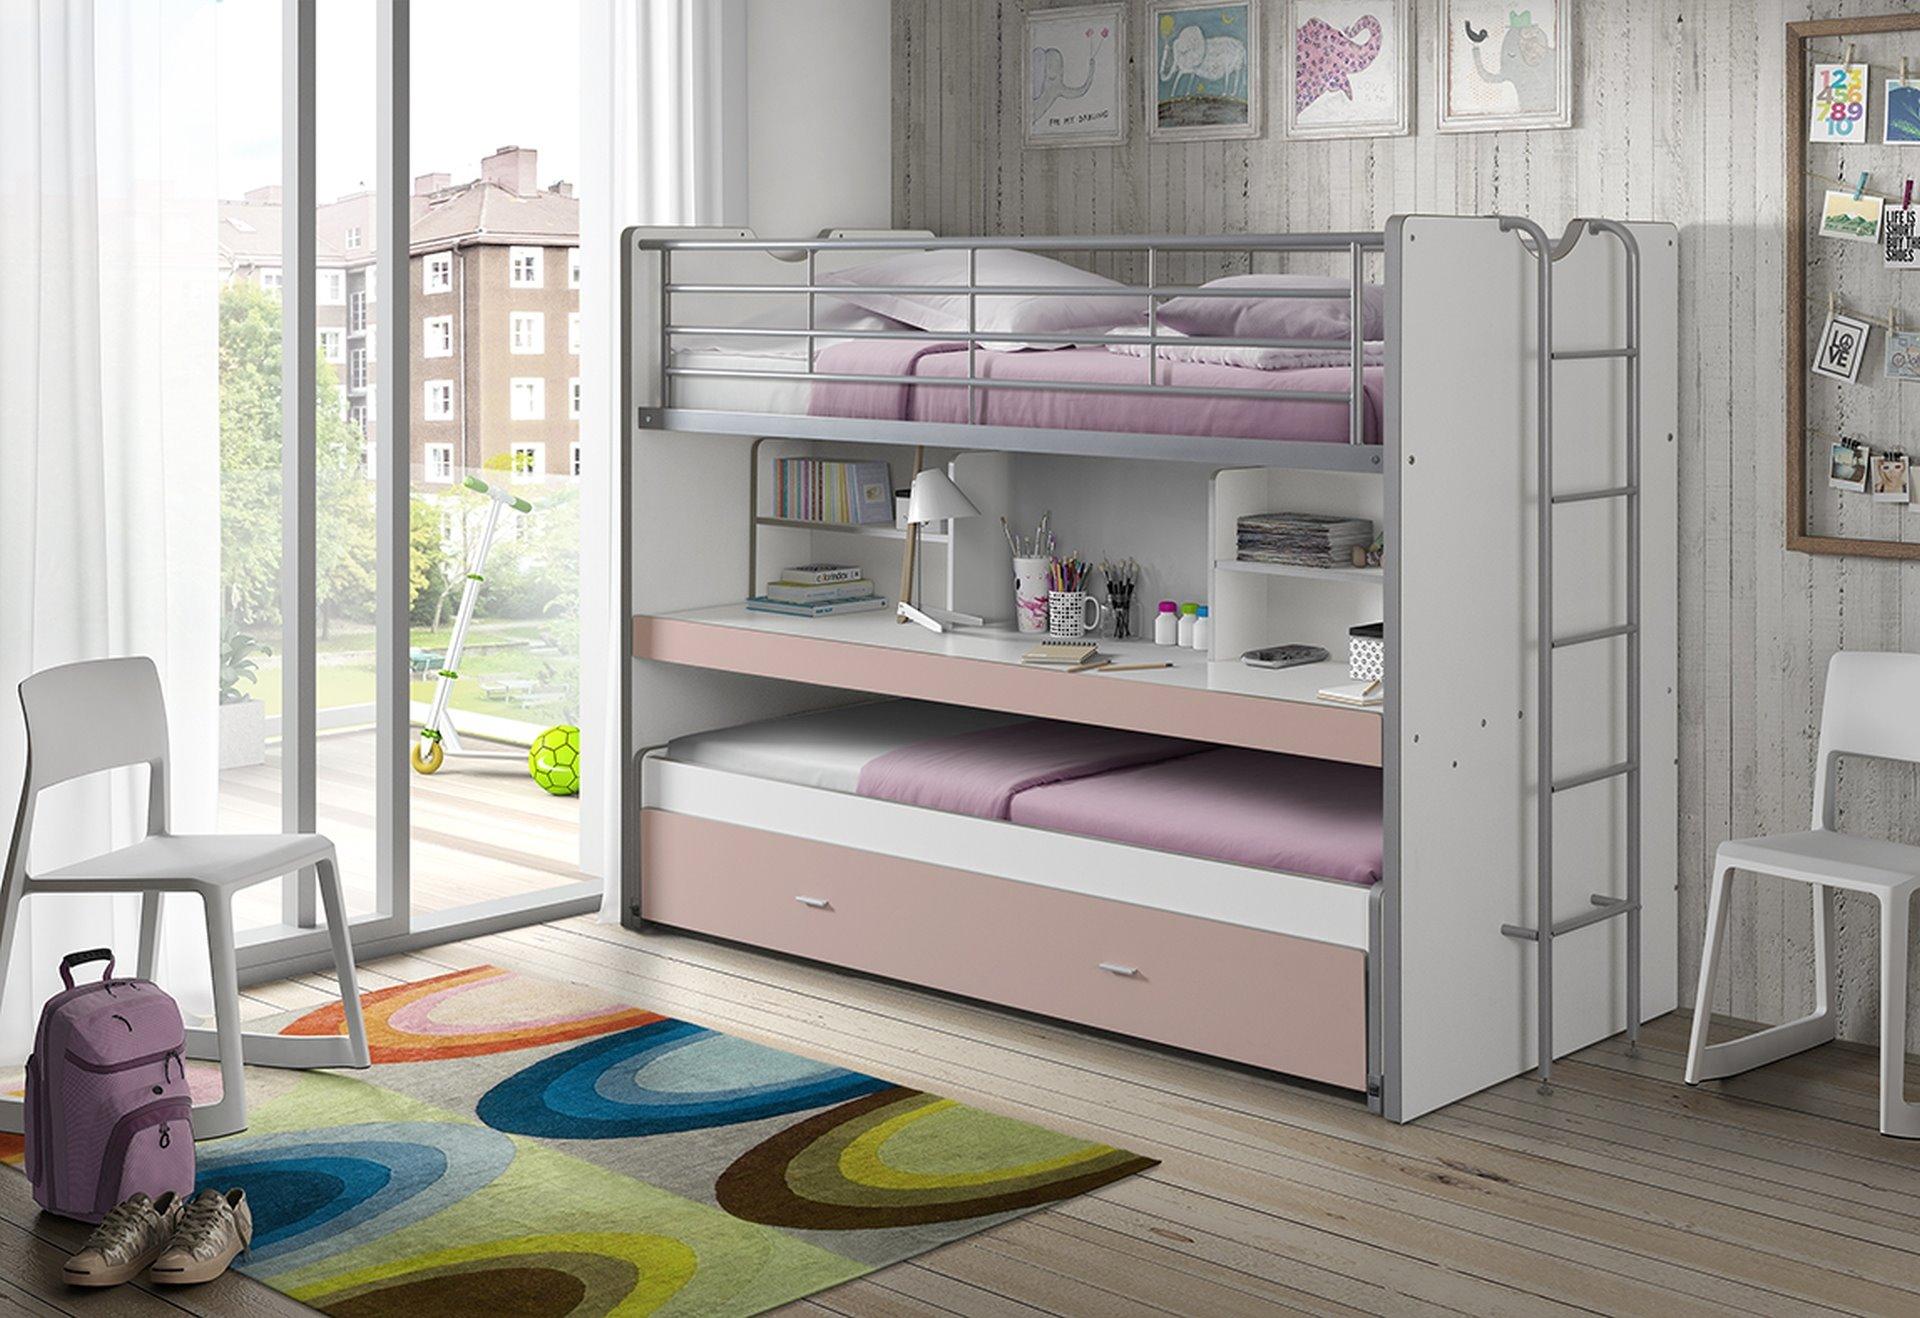 Bonny Hochbett mit Schreibtisch 90x200 in Rosa